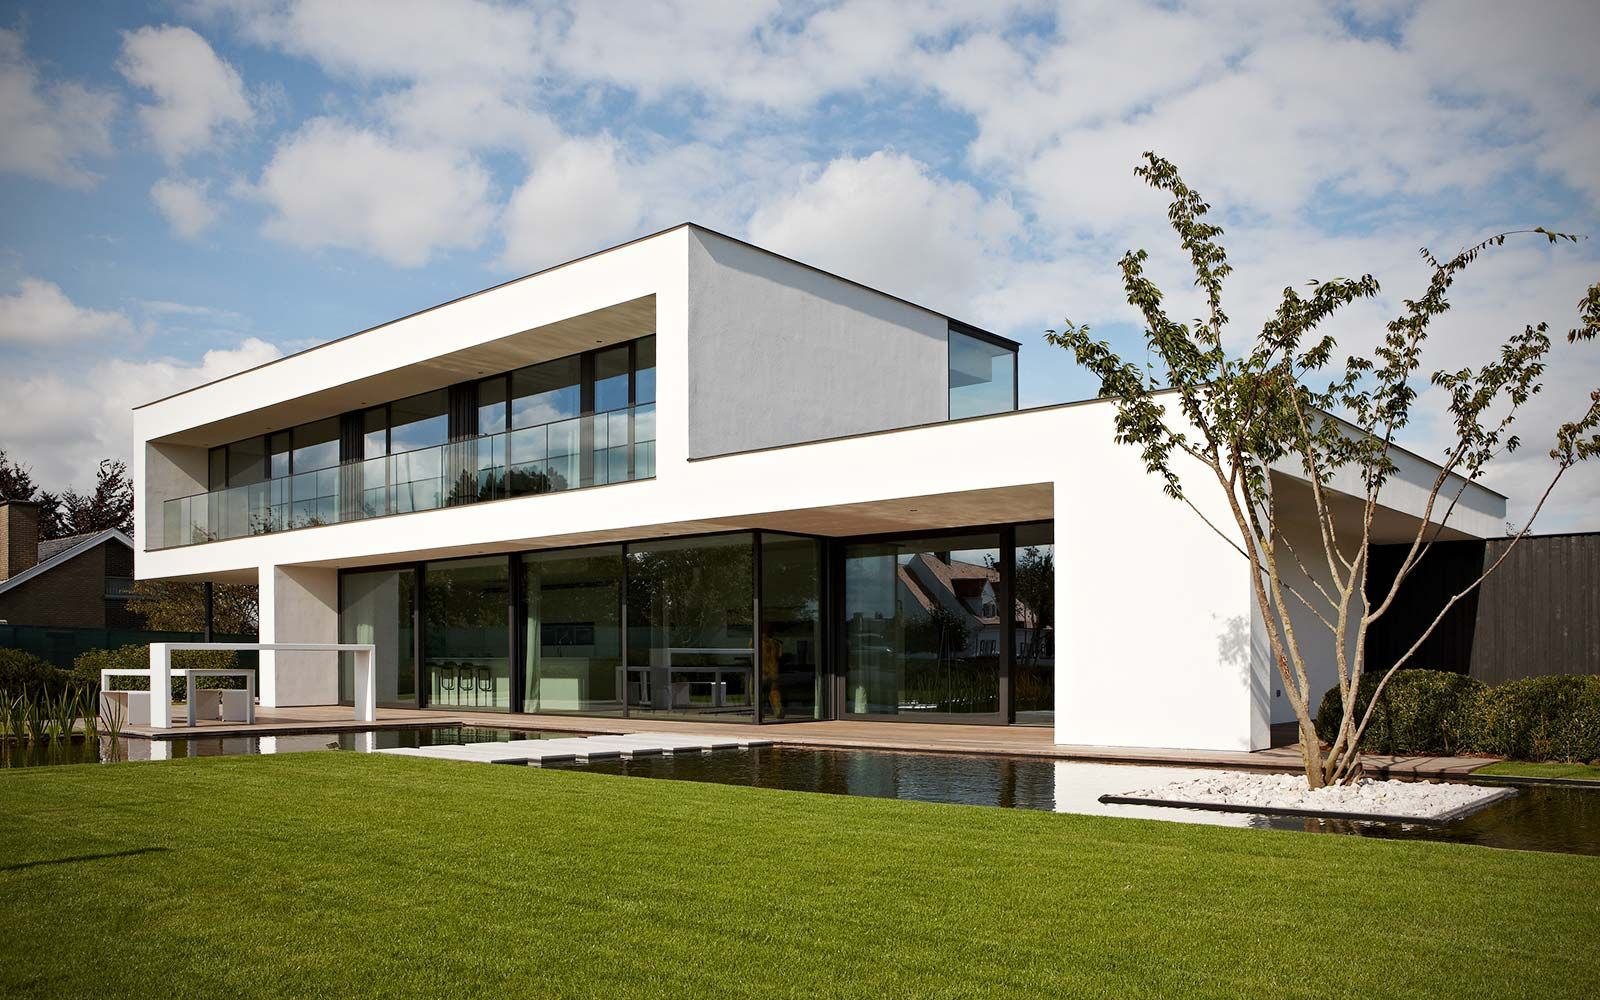 Moderne huizen plannen google zoeken huizen for Grondplannen woningen